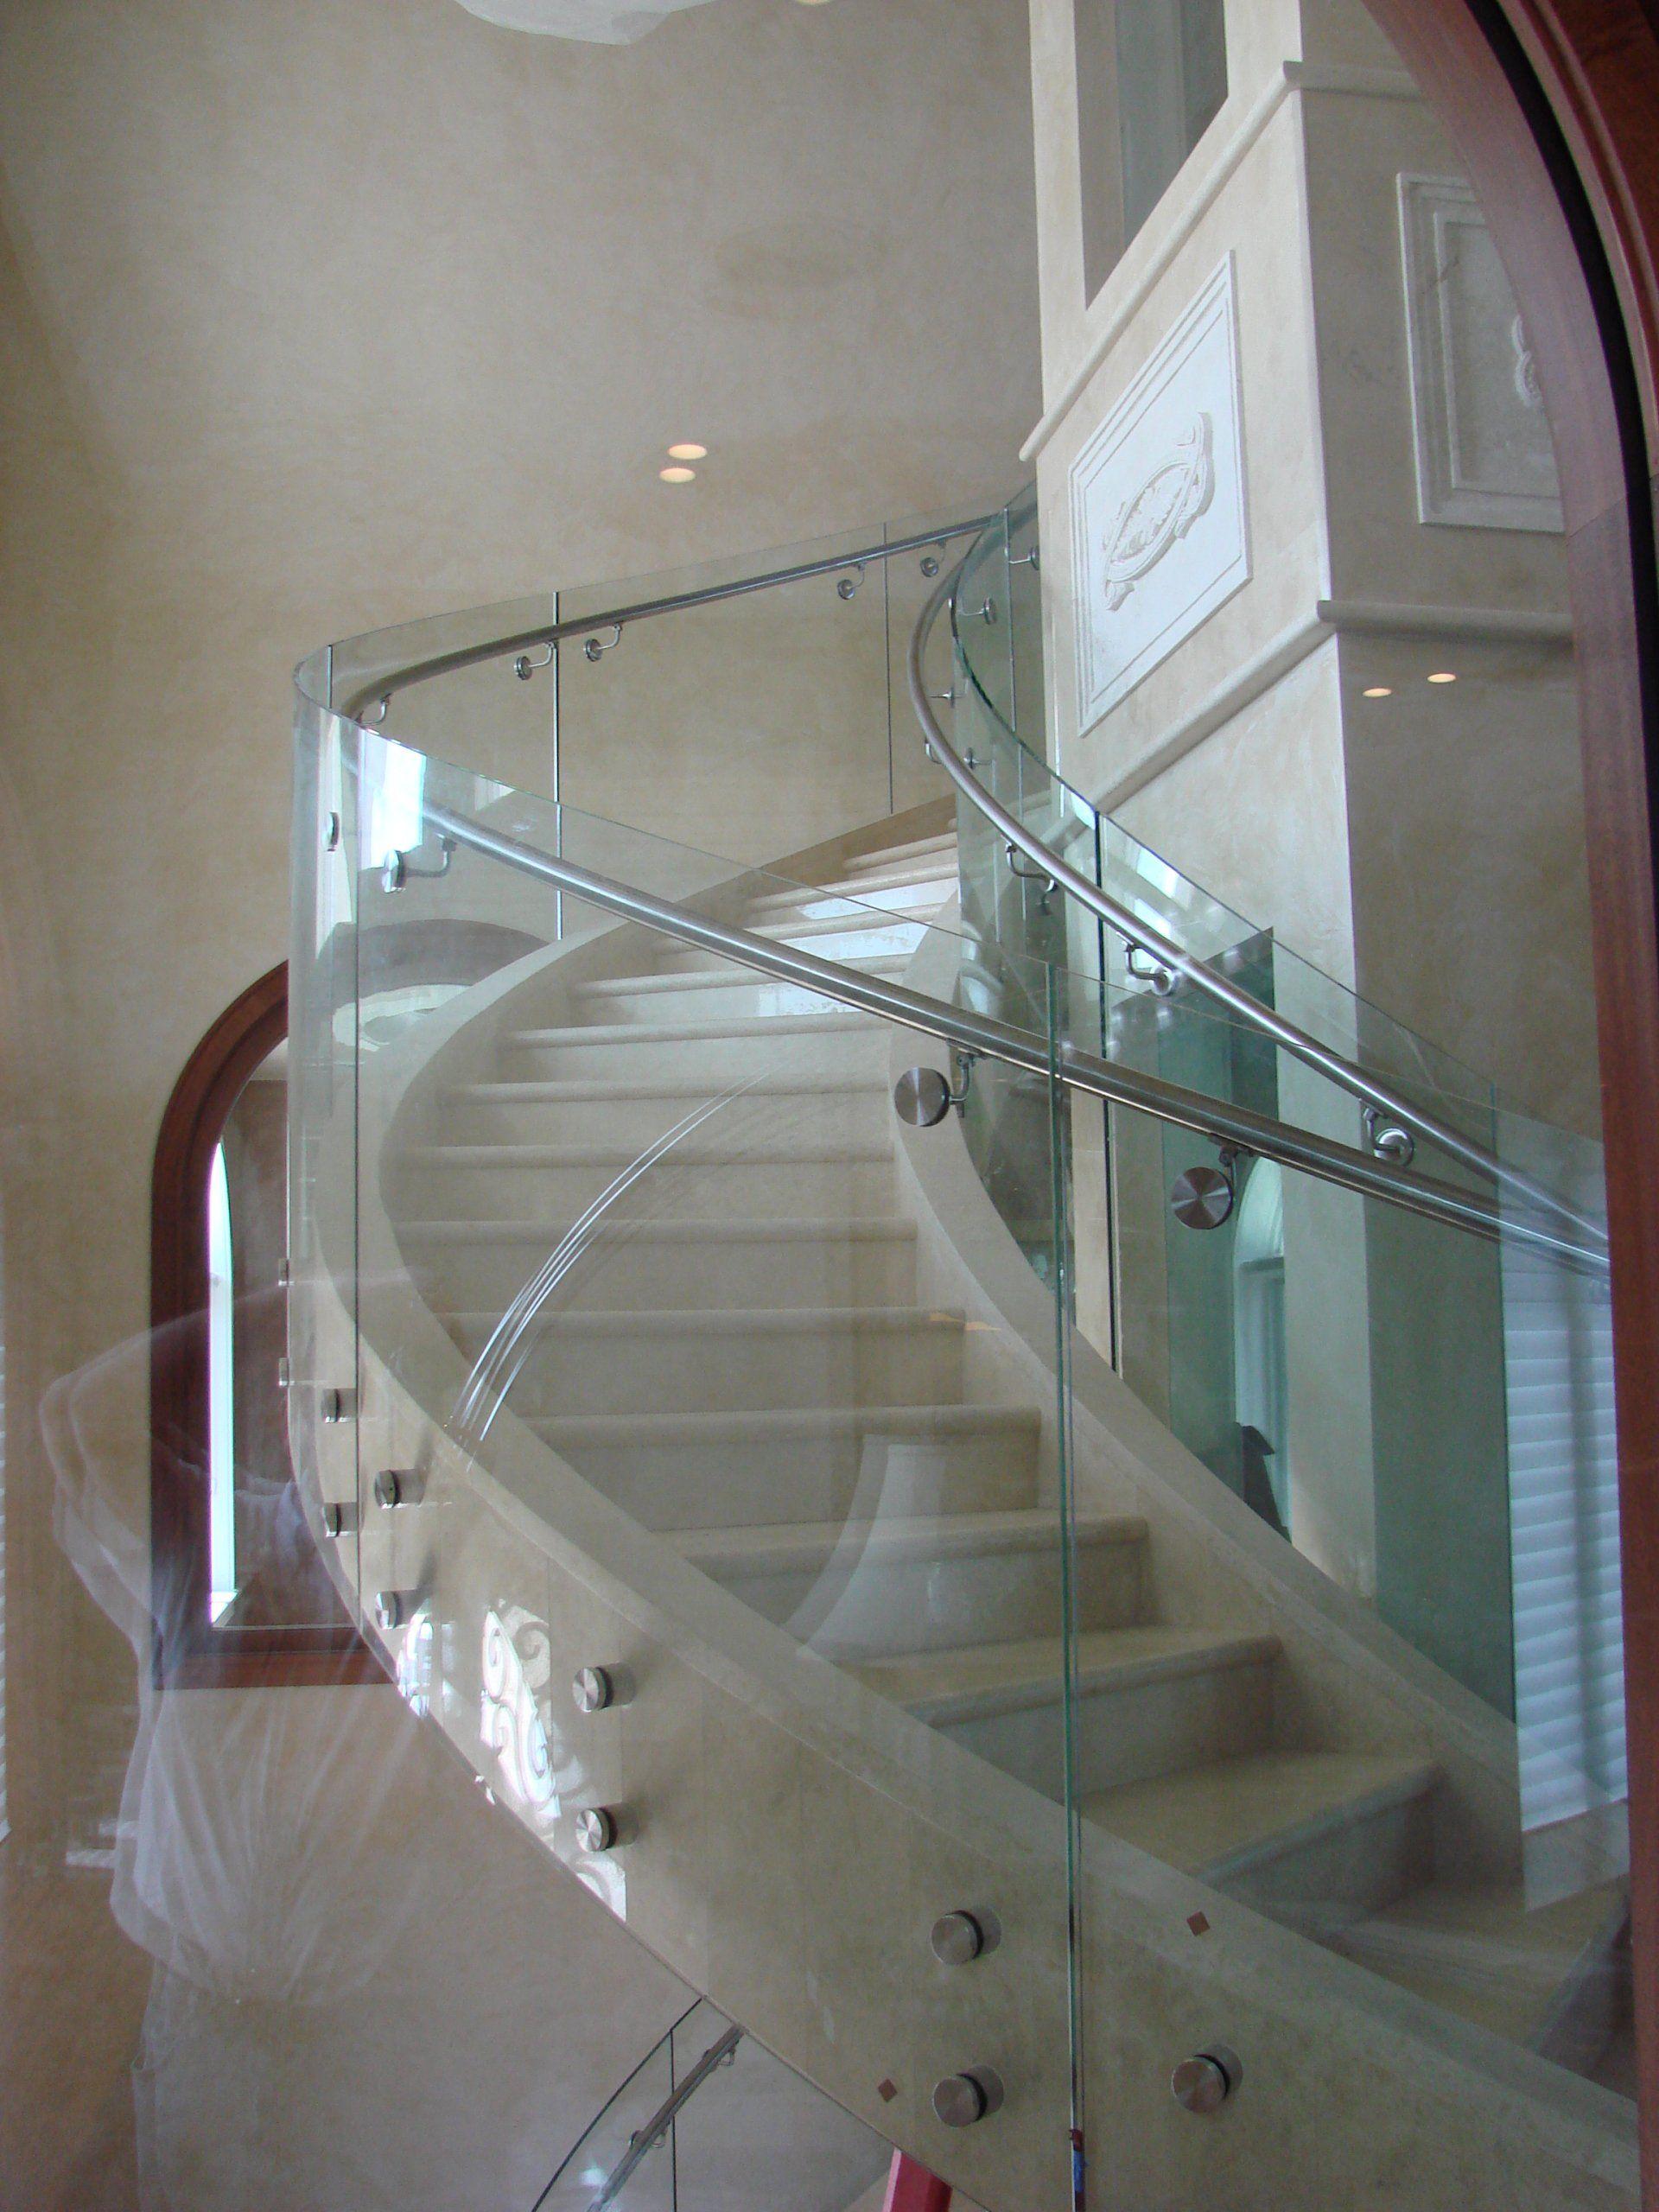 弯曲的玻璃弯曲的楼梯扶手